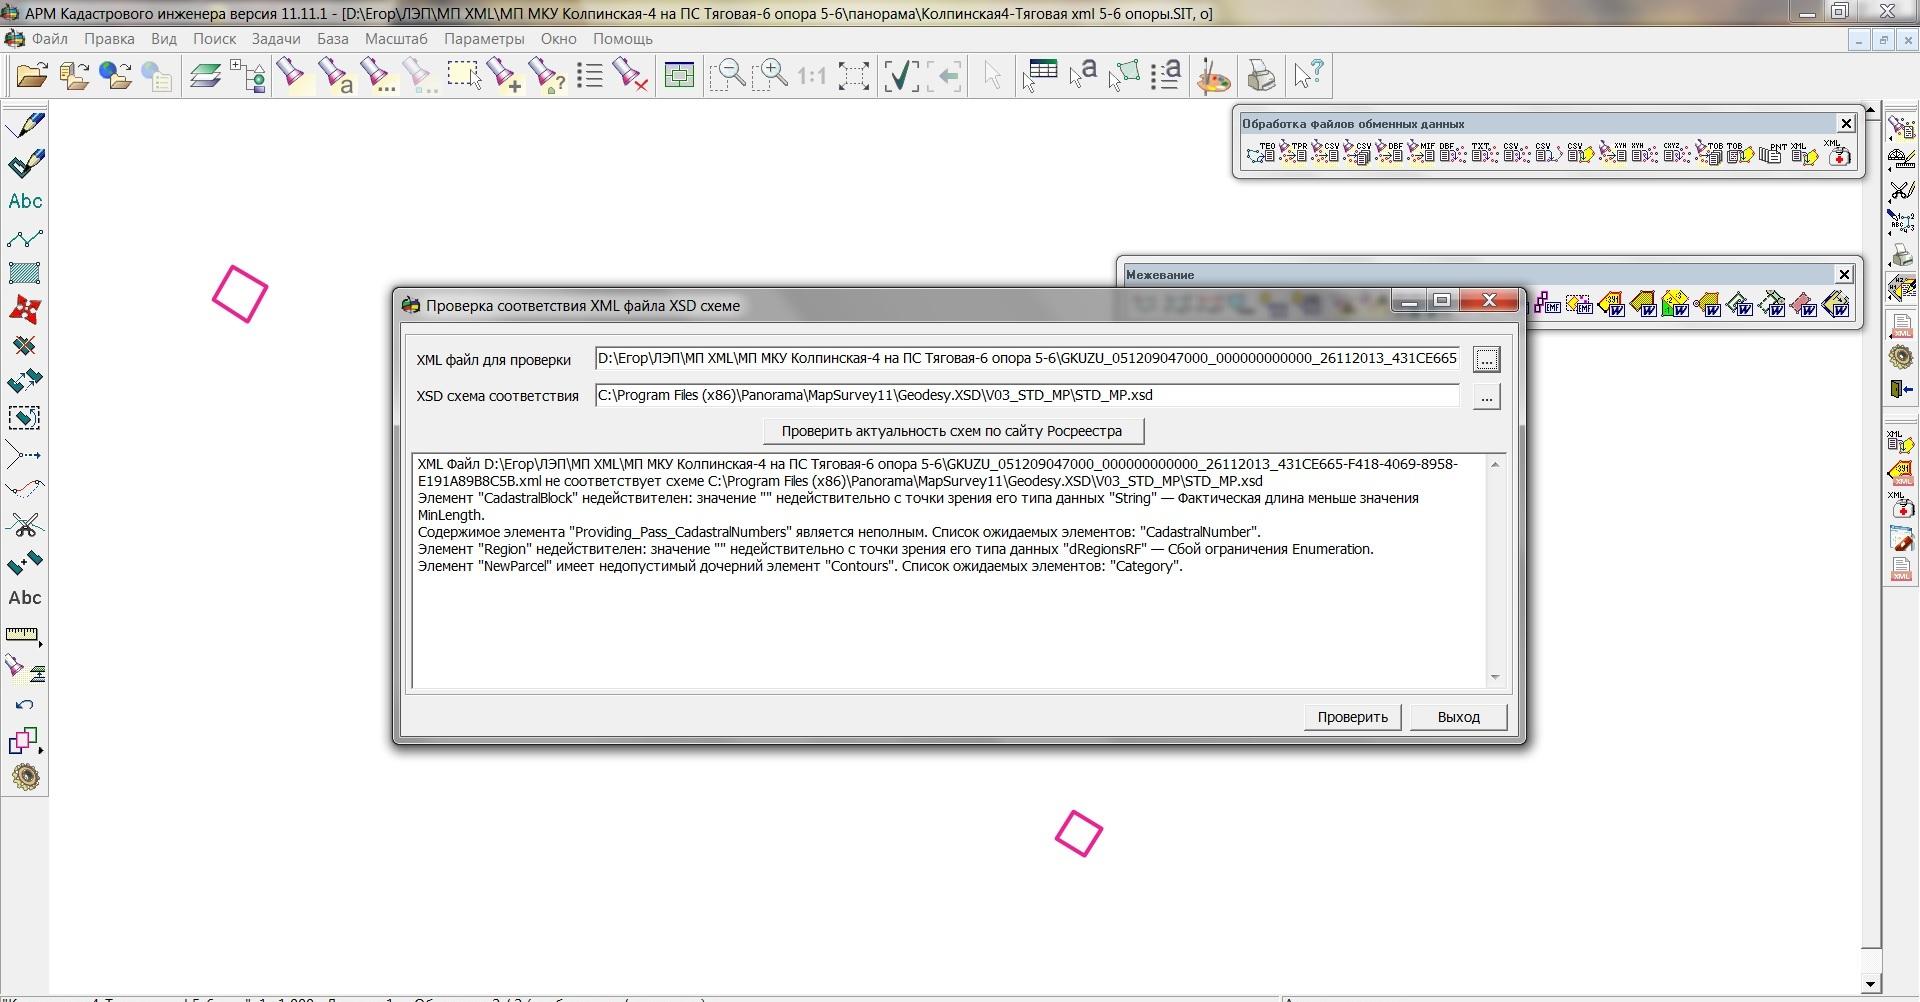 Xml схема используемая для формирования xml документов